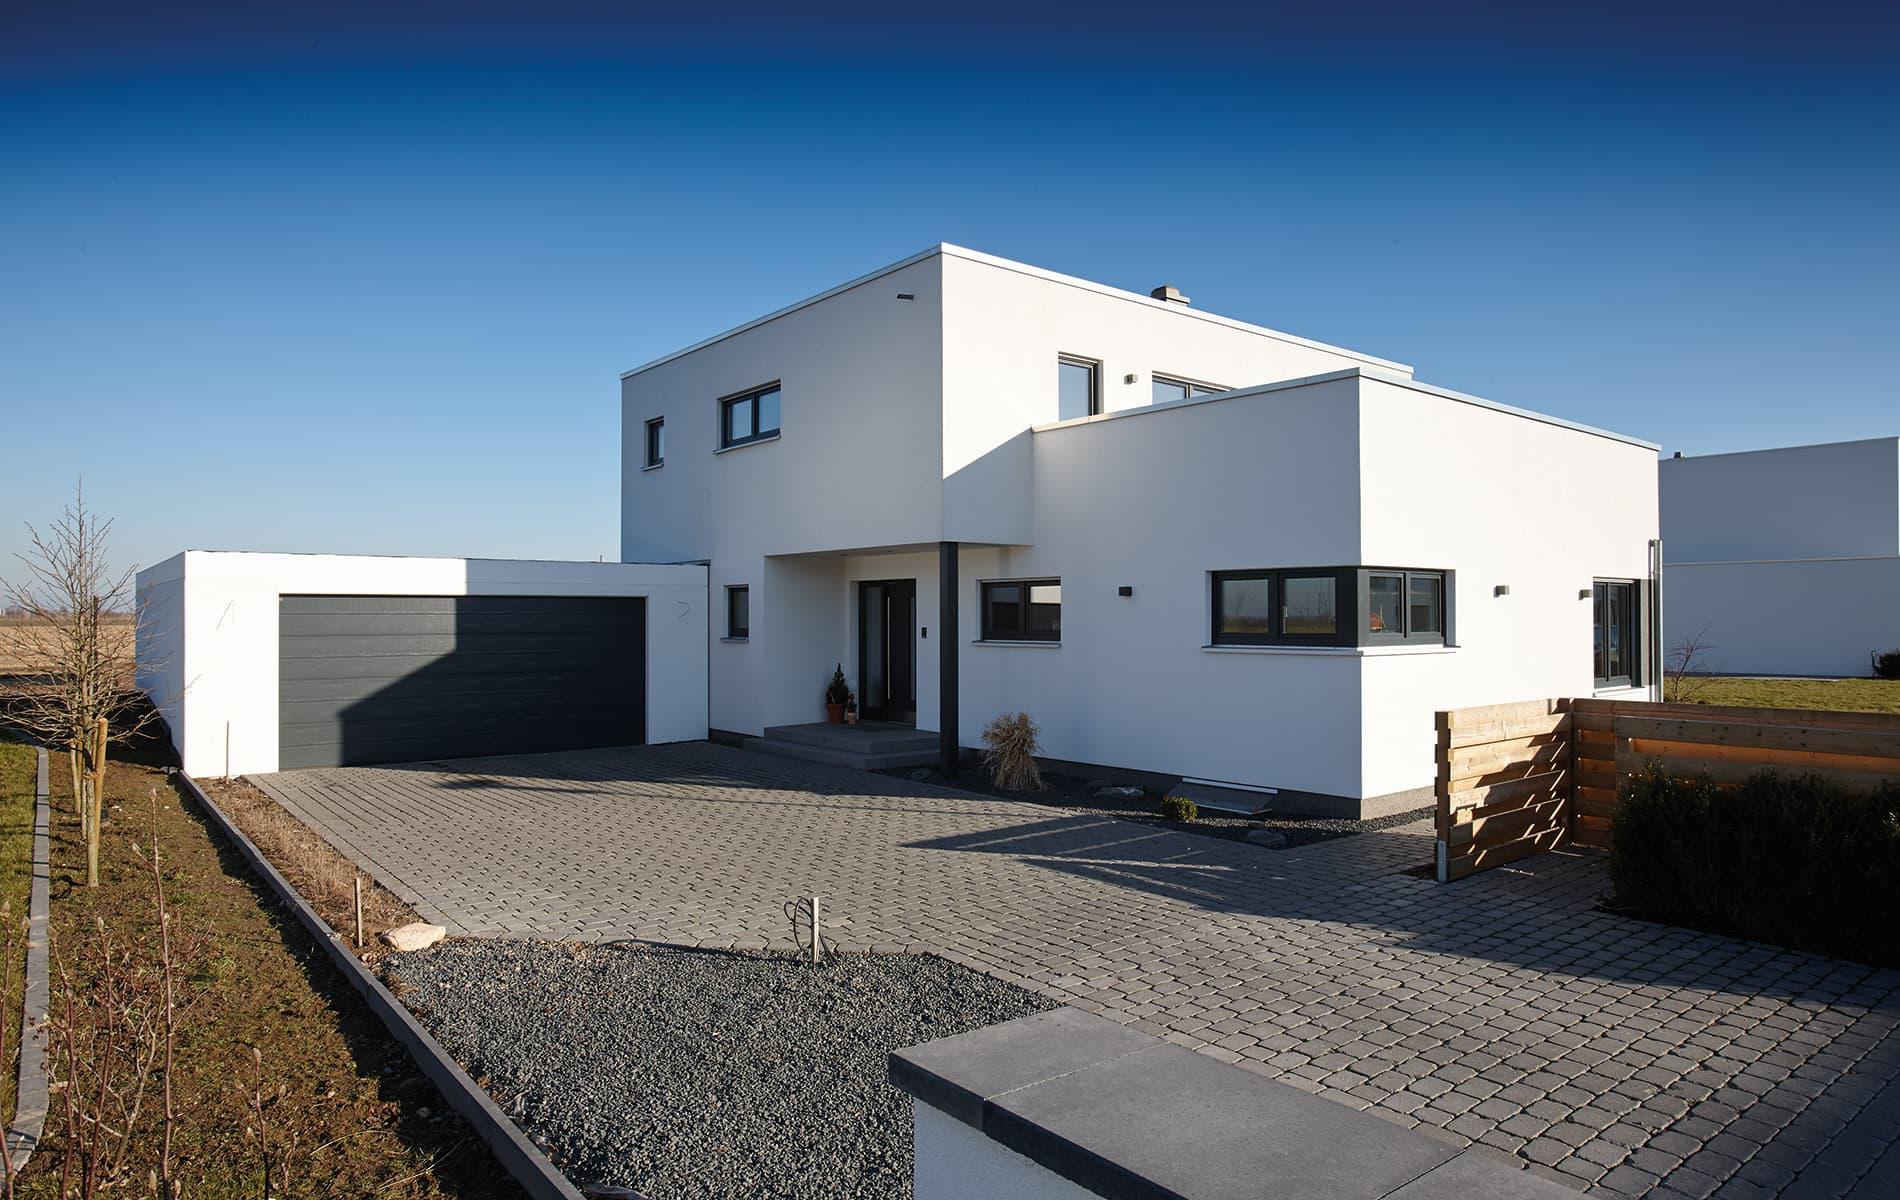 Architektur Trend - Eingangsbereich